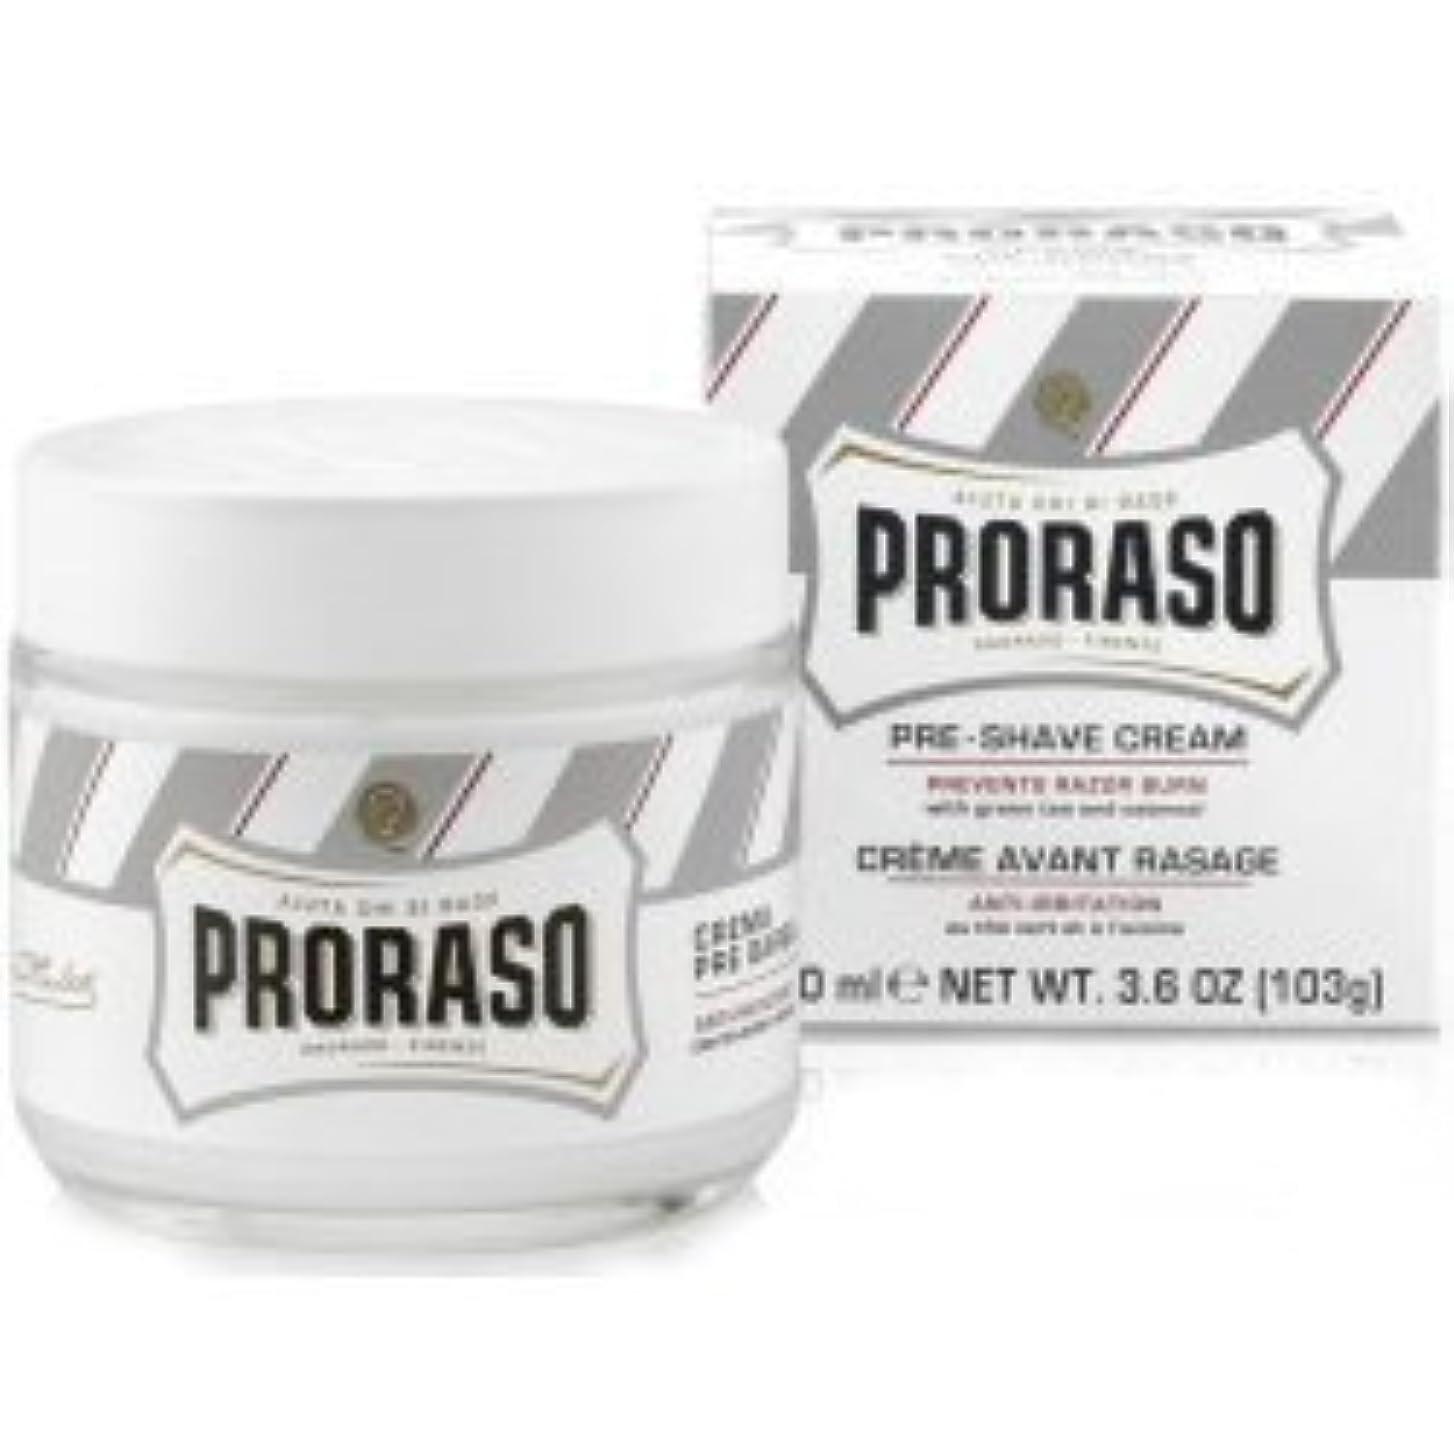 土曜日腹人差し指Proraso Pre & Post Shave Cream Sensitive Skin 100ml by Proraso [並行輸入品]